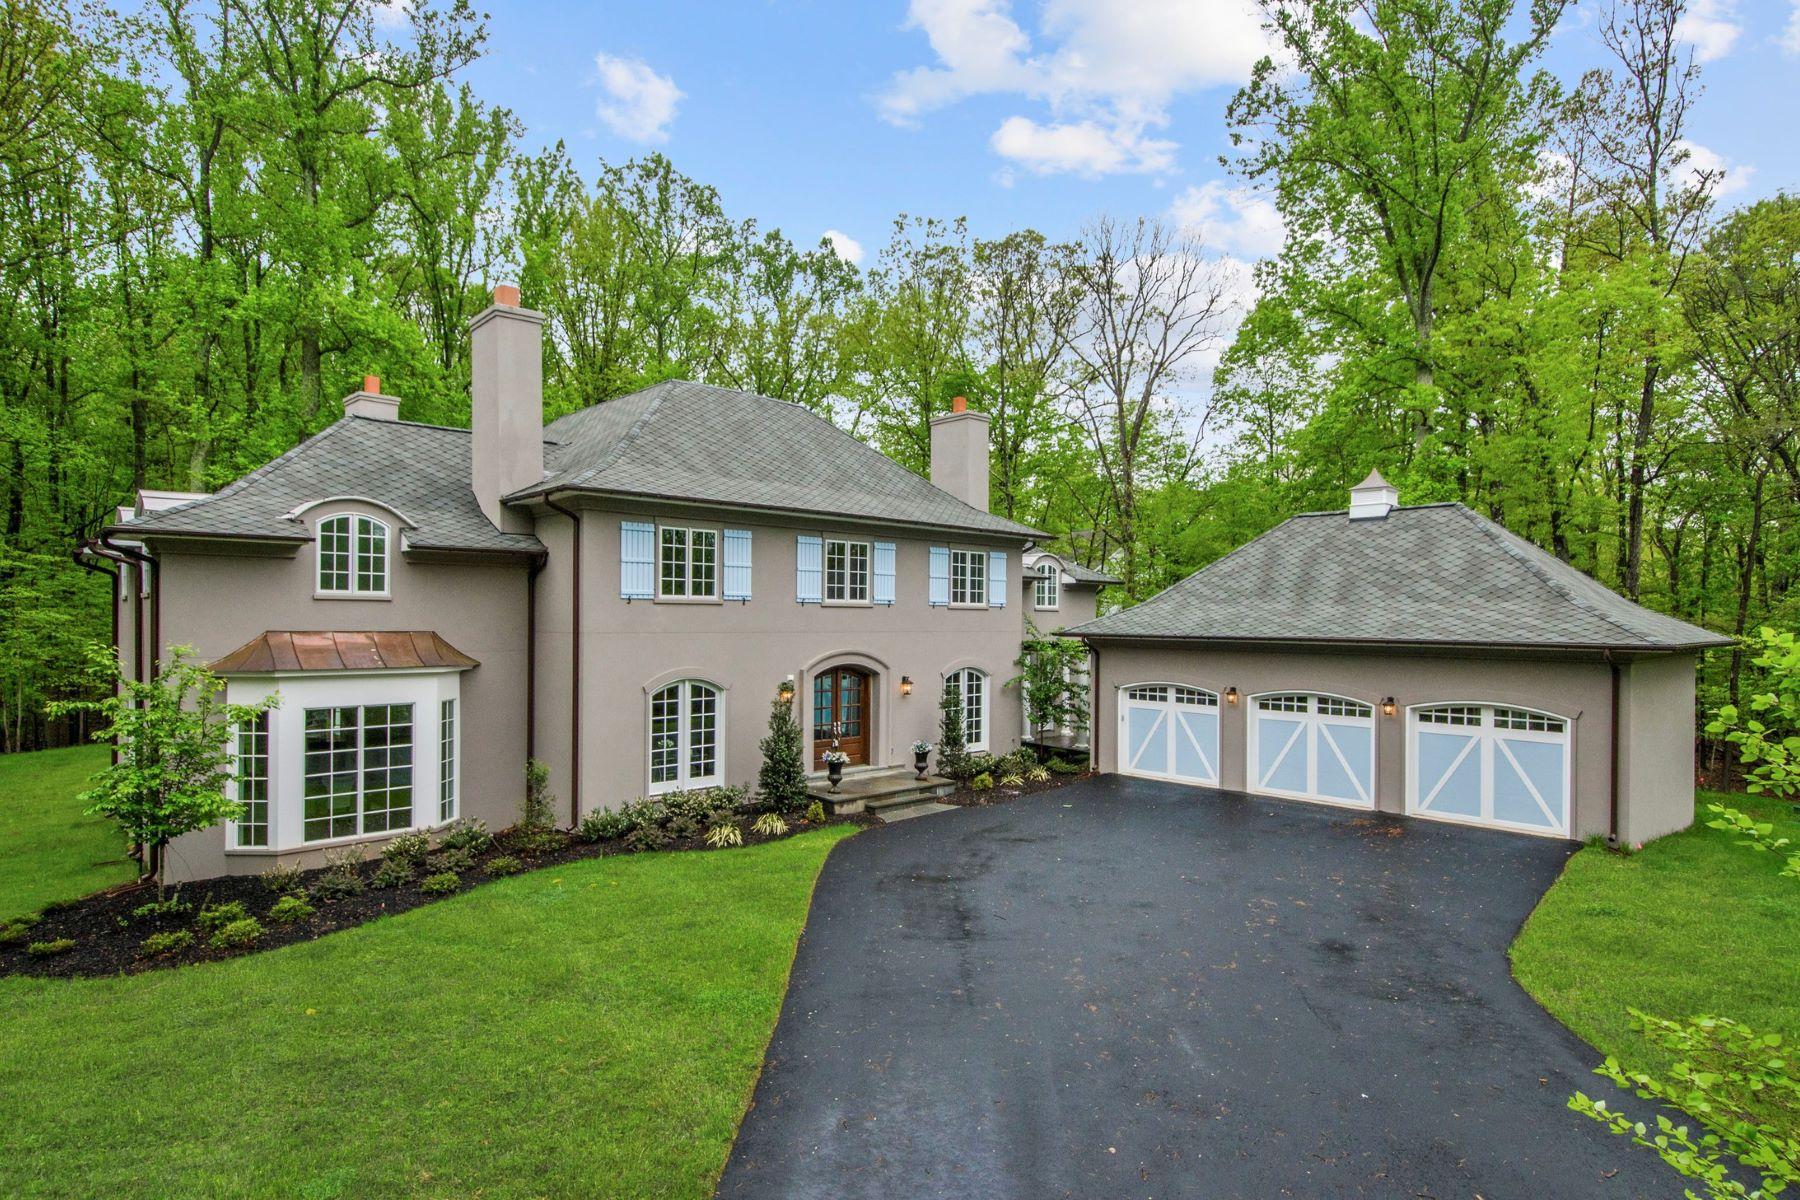 Casa Unifamiliar por un Venta en Brand New Home on Over 2 Acres in Great Falls Park 9165 Old Dominion Dr McLean, Virginia, 22102 Estados Unidos